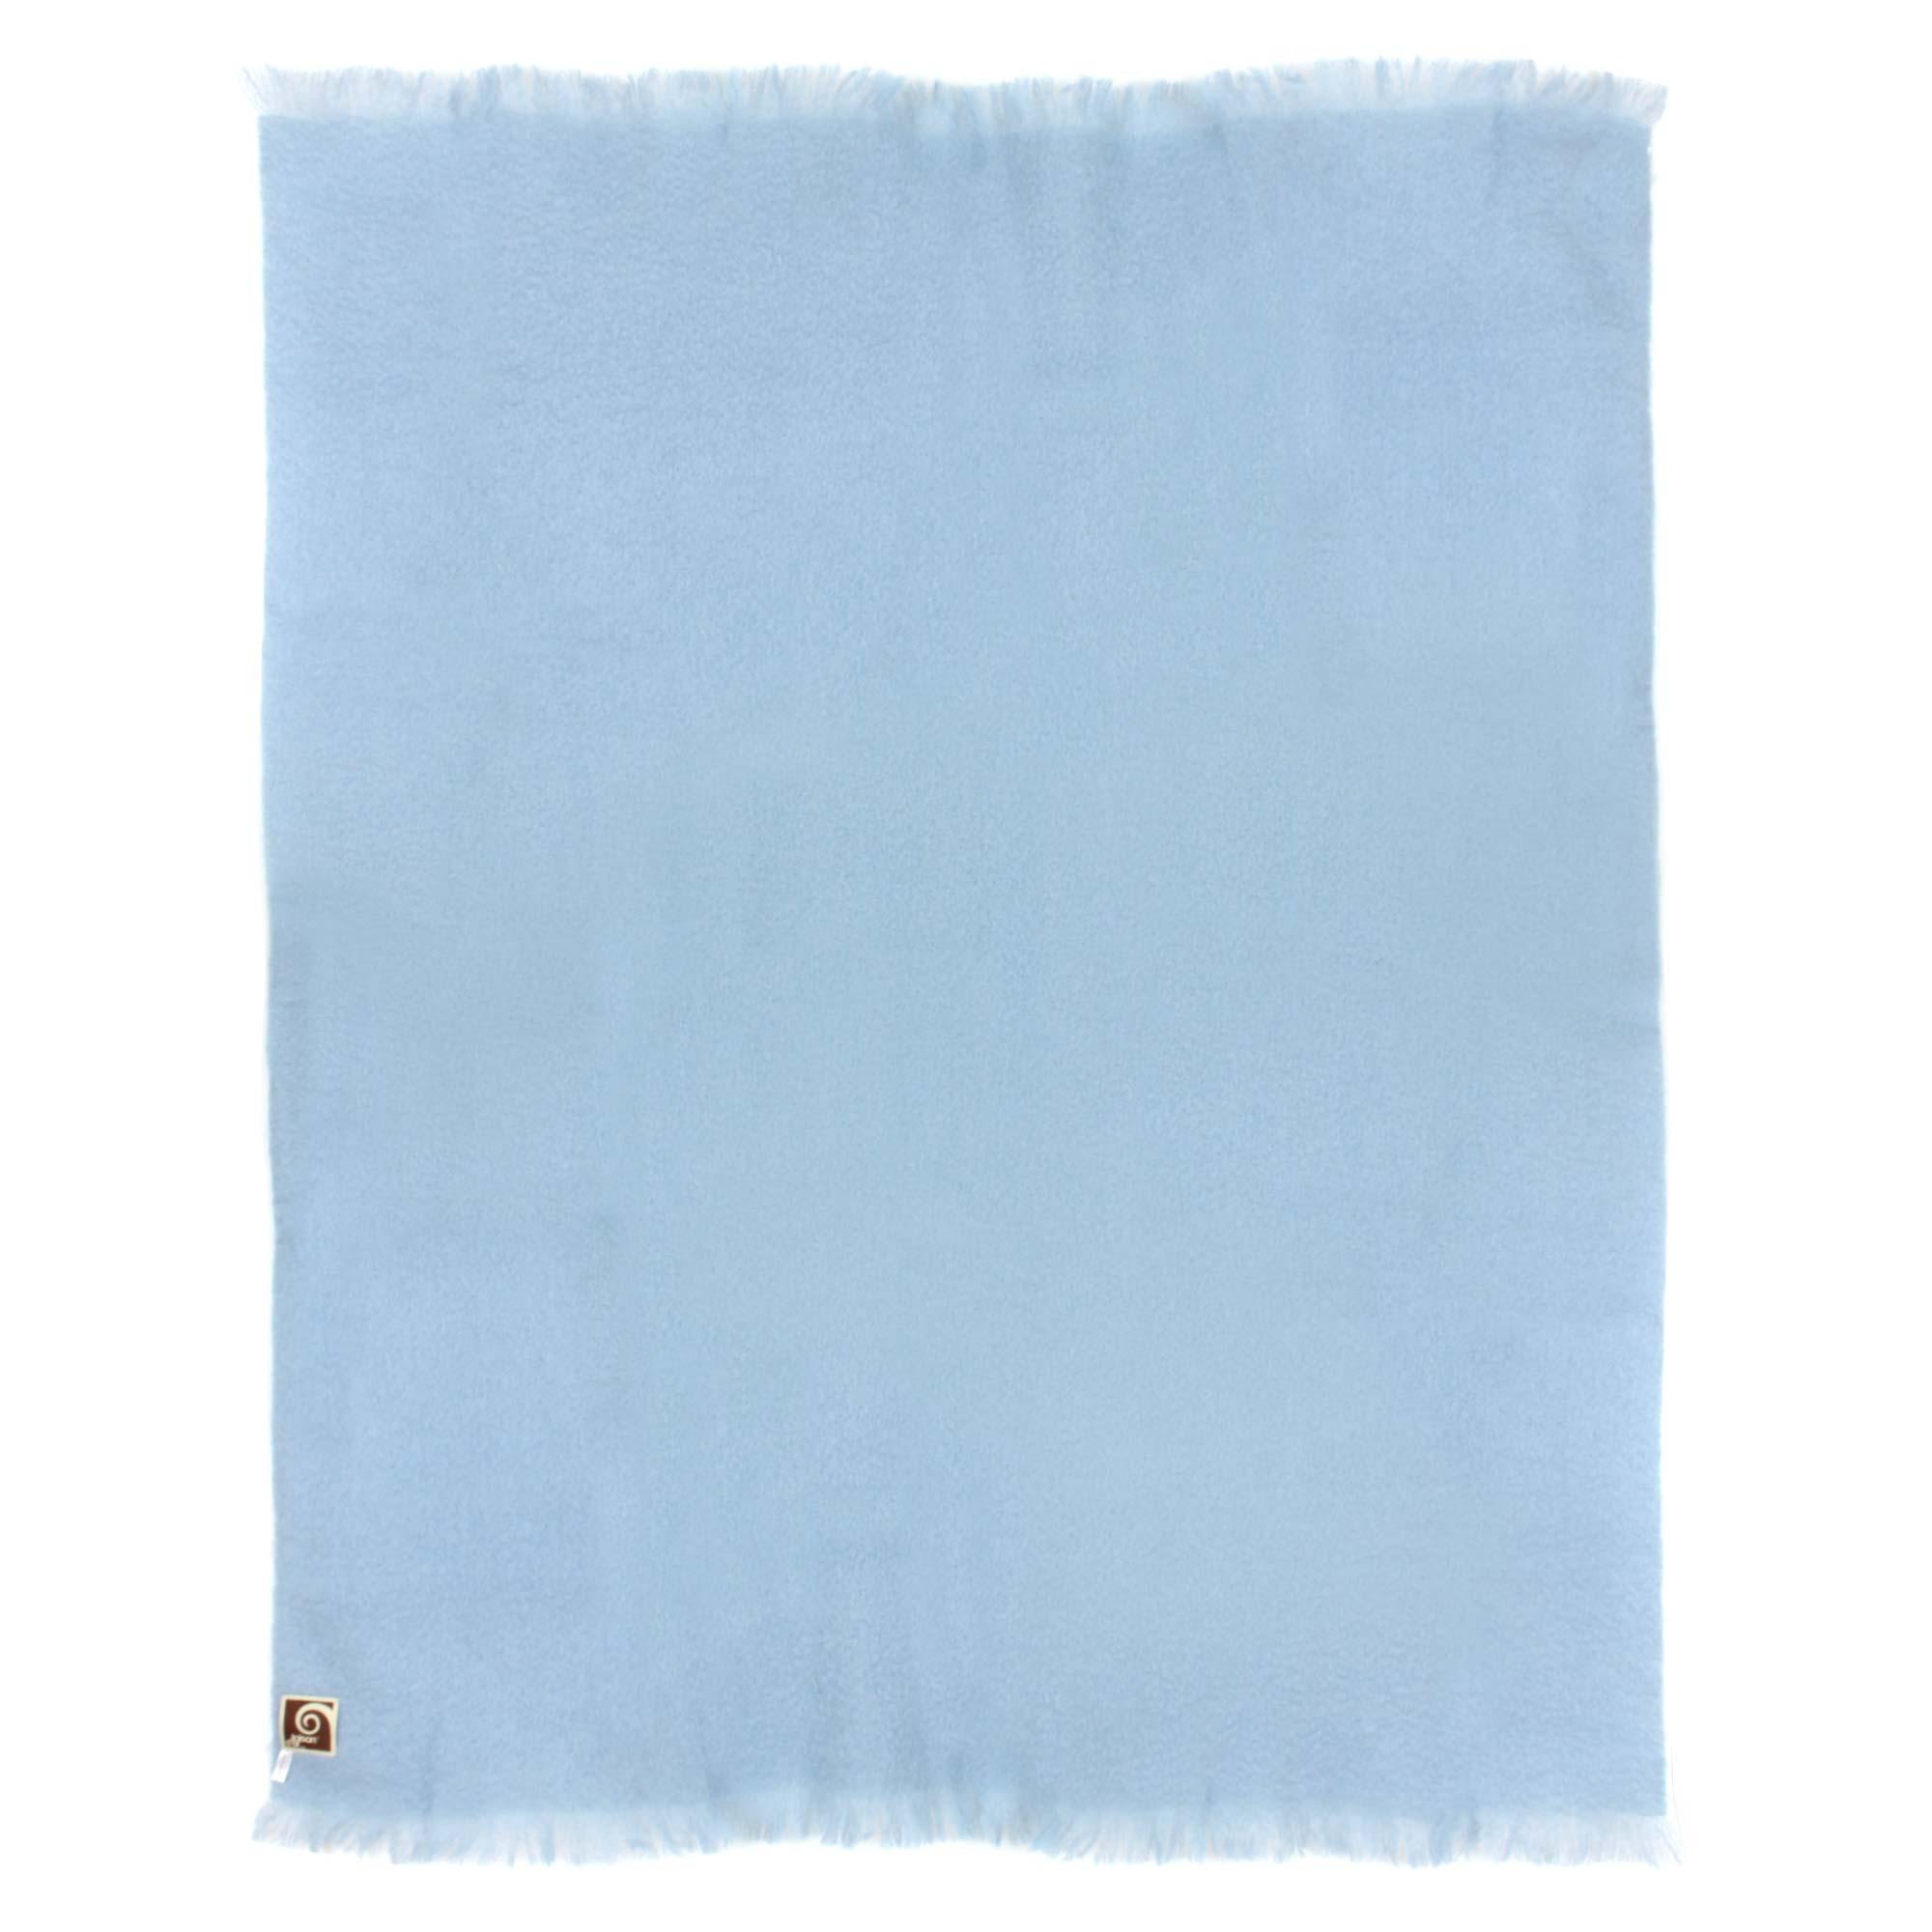 couverture laine mohair 180x220 cm thesee bleu glacier linnea linge de maison et. Black Bedroom Furniture Sets. Home Design Ideas